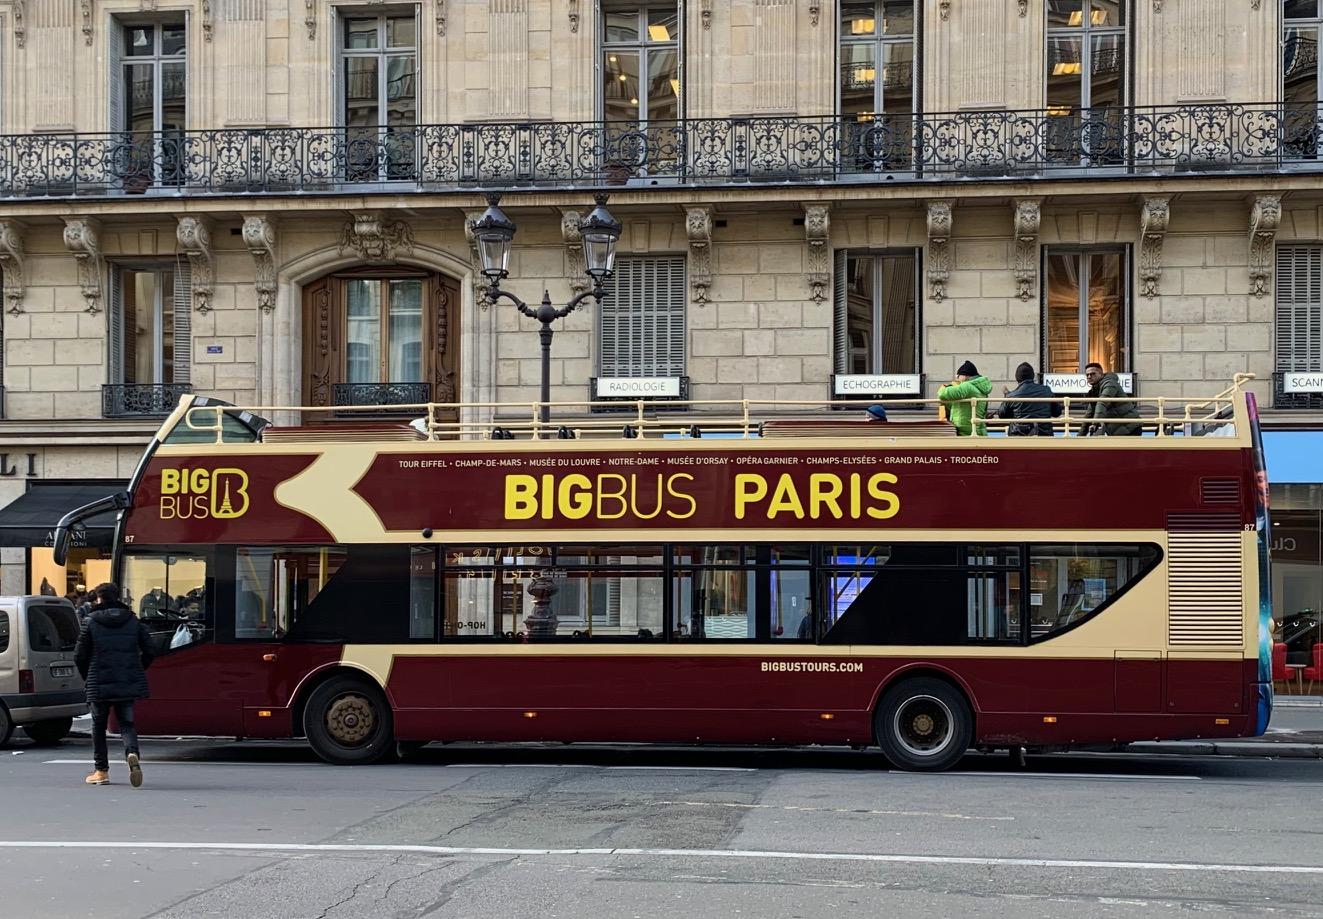 泥棒に押し入られたら、寝たふりをしないと命が危ない、パリの泥棒事情